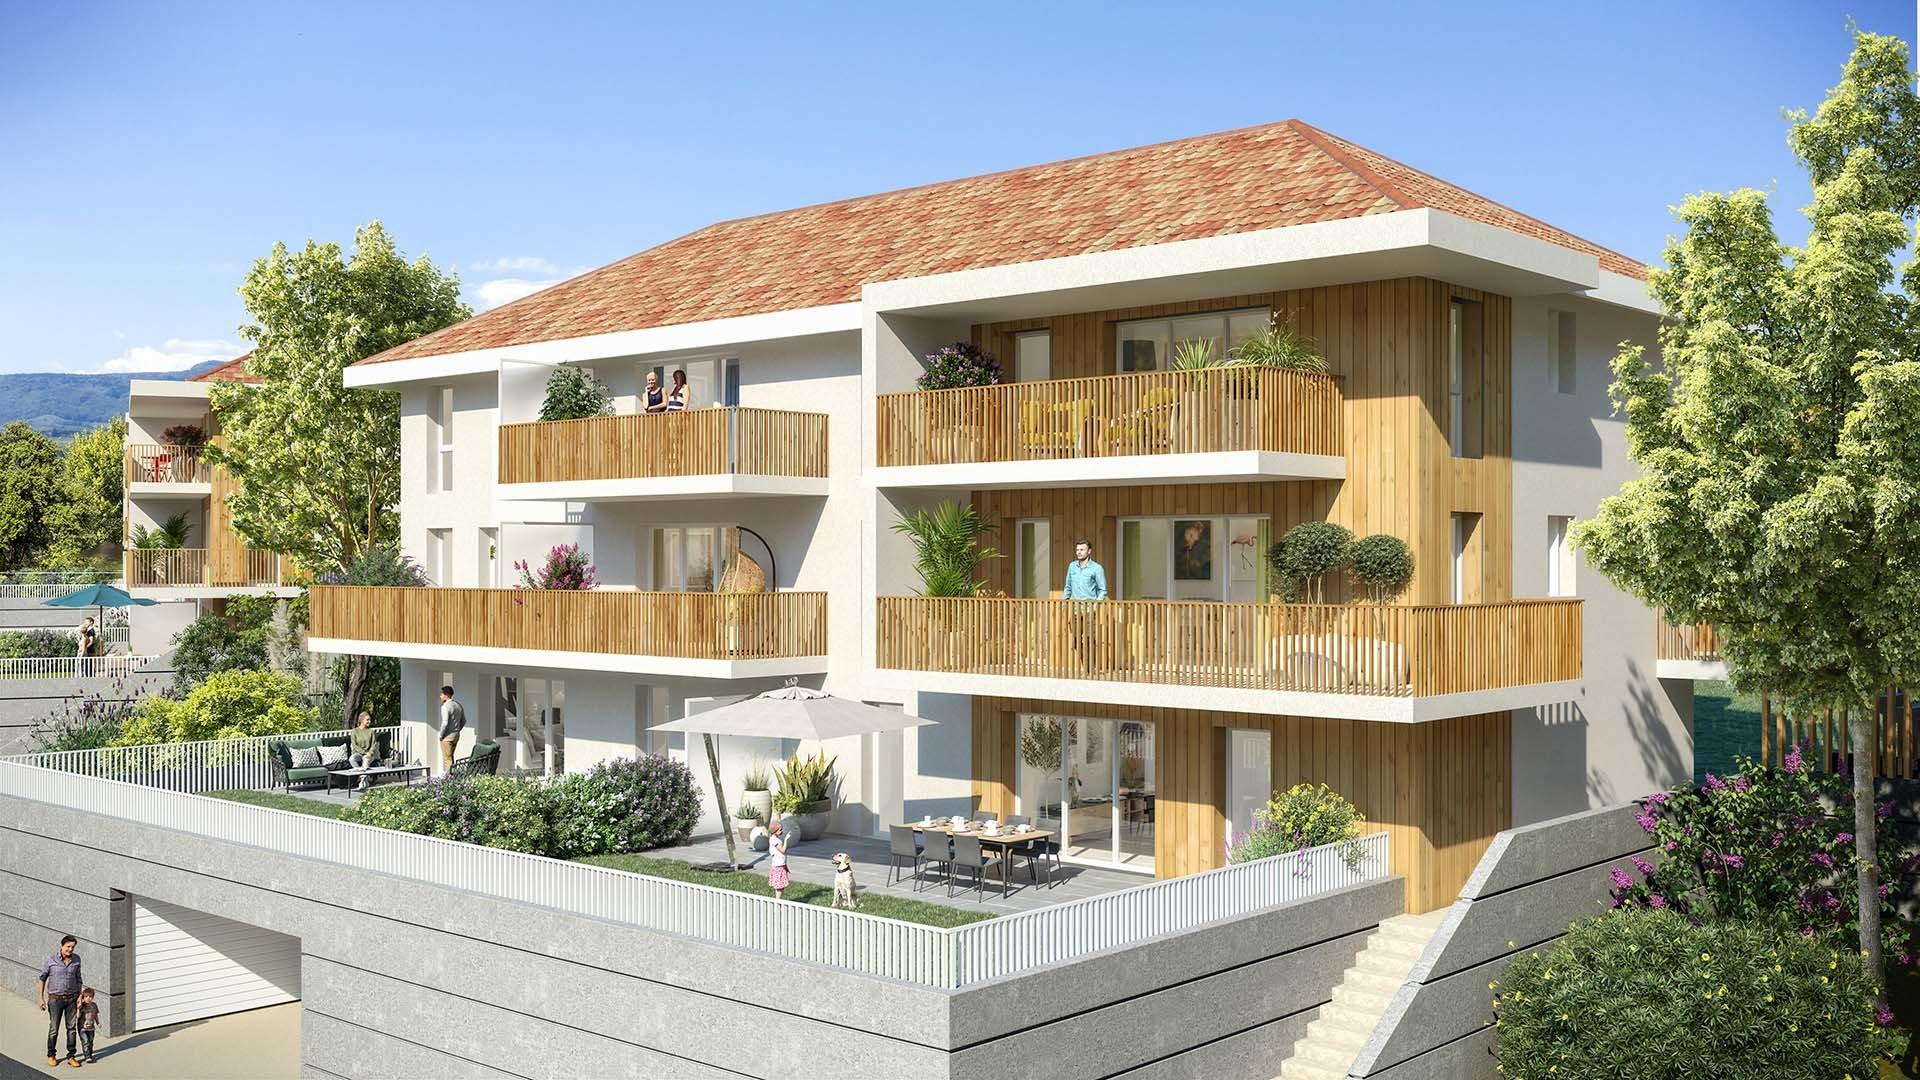 Programme Immeuble - Marigny-Saint-Marcel